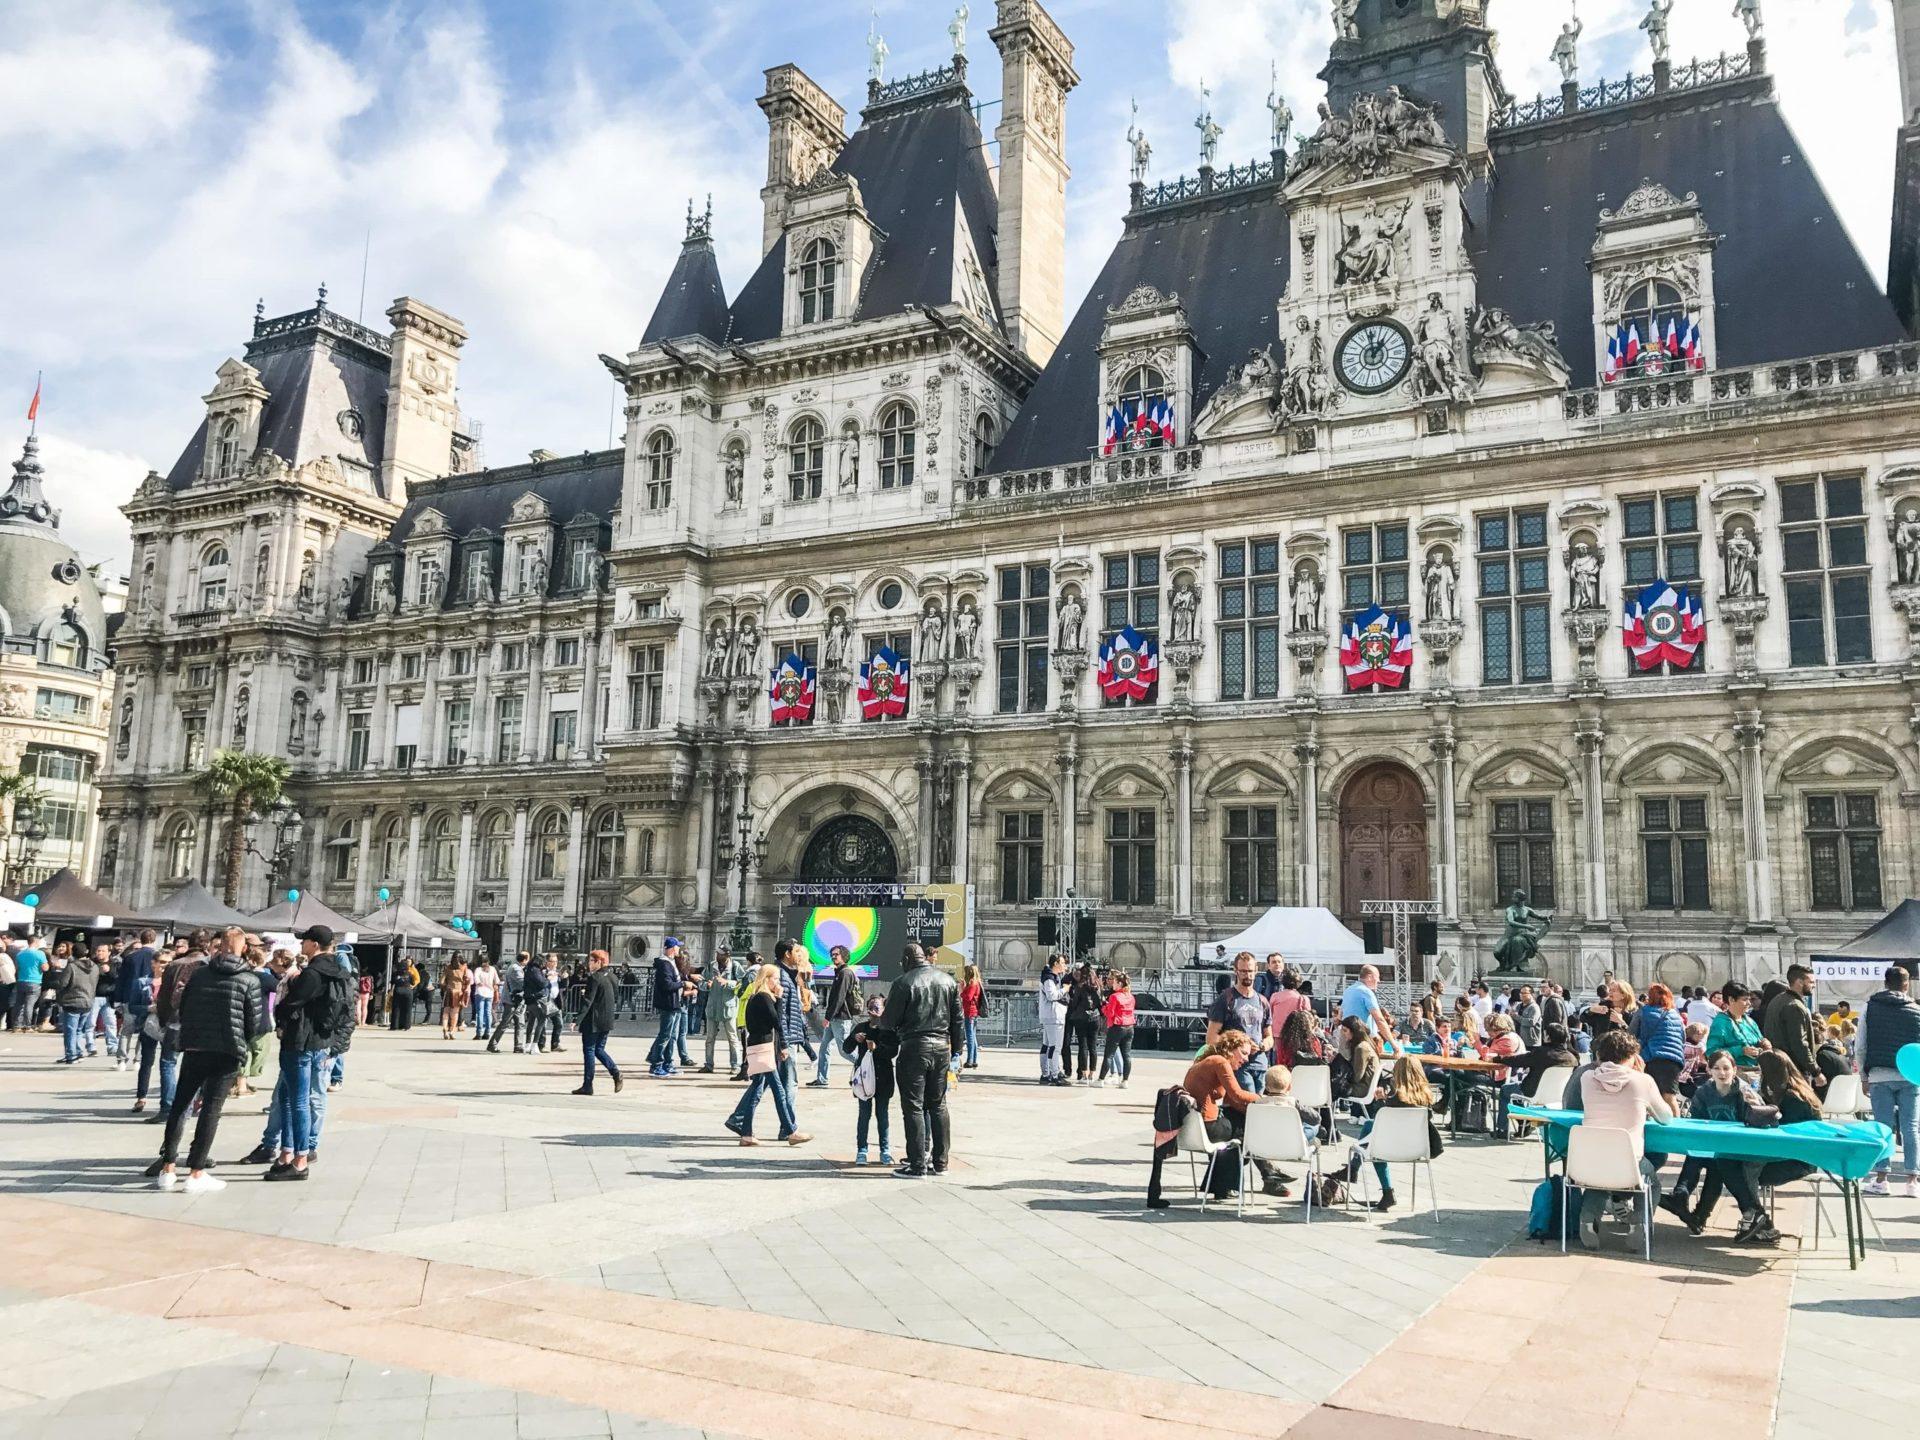 Ecran géant hôtel de ville de paris